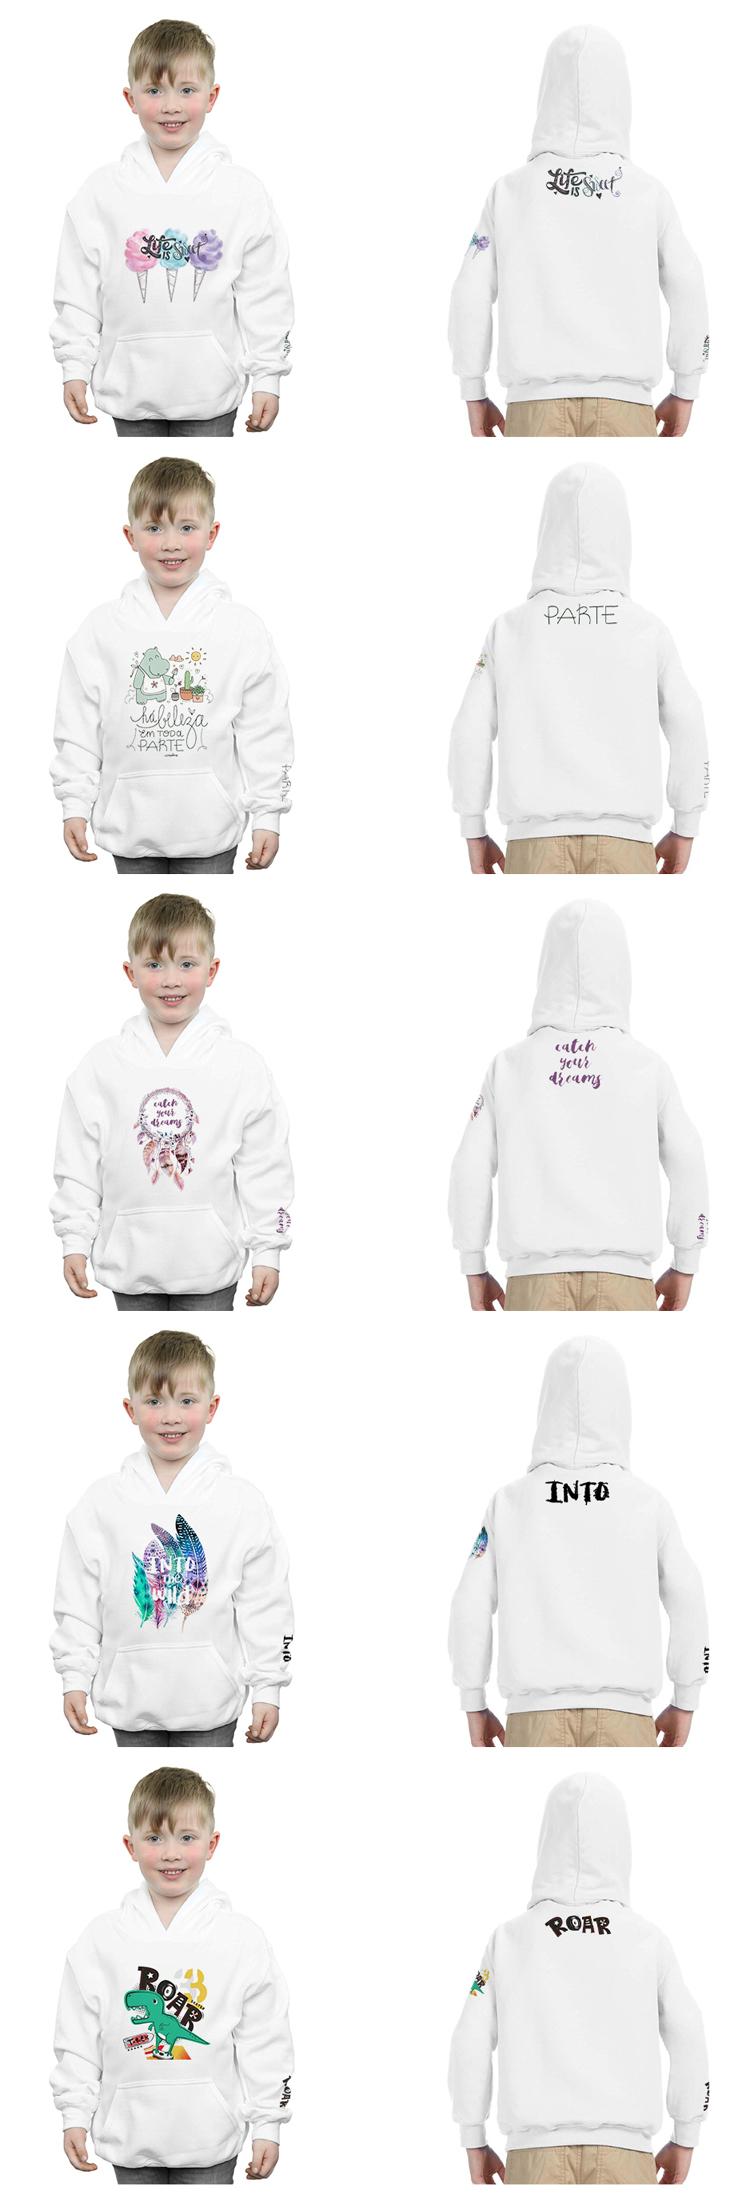 Kids Sweatshirts Plain Pullover Cartoon Printed Custom Kids Hoodie